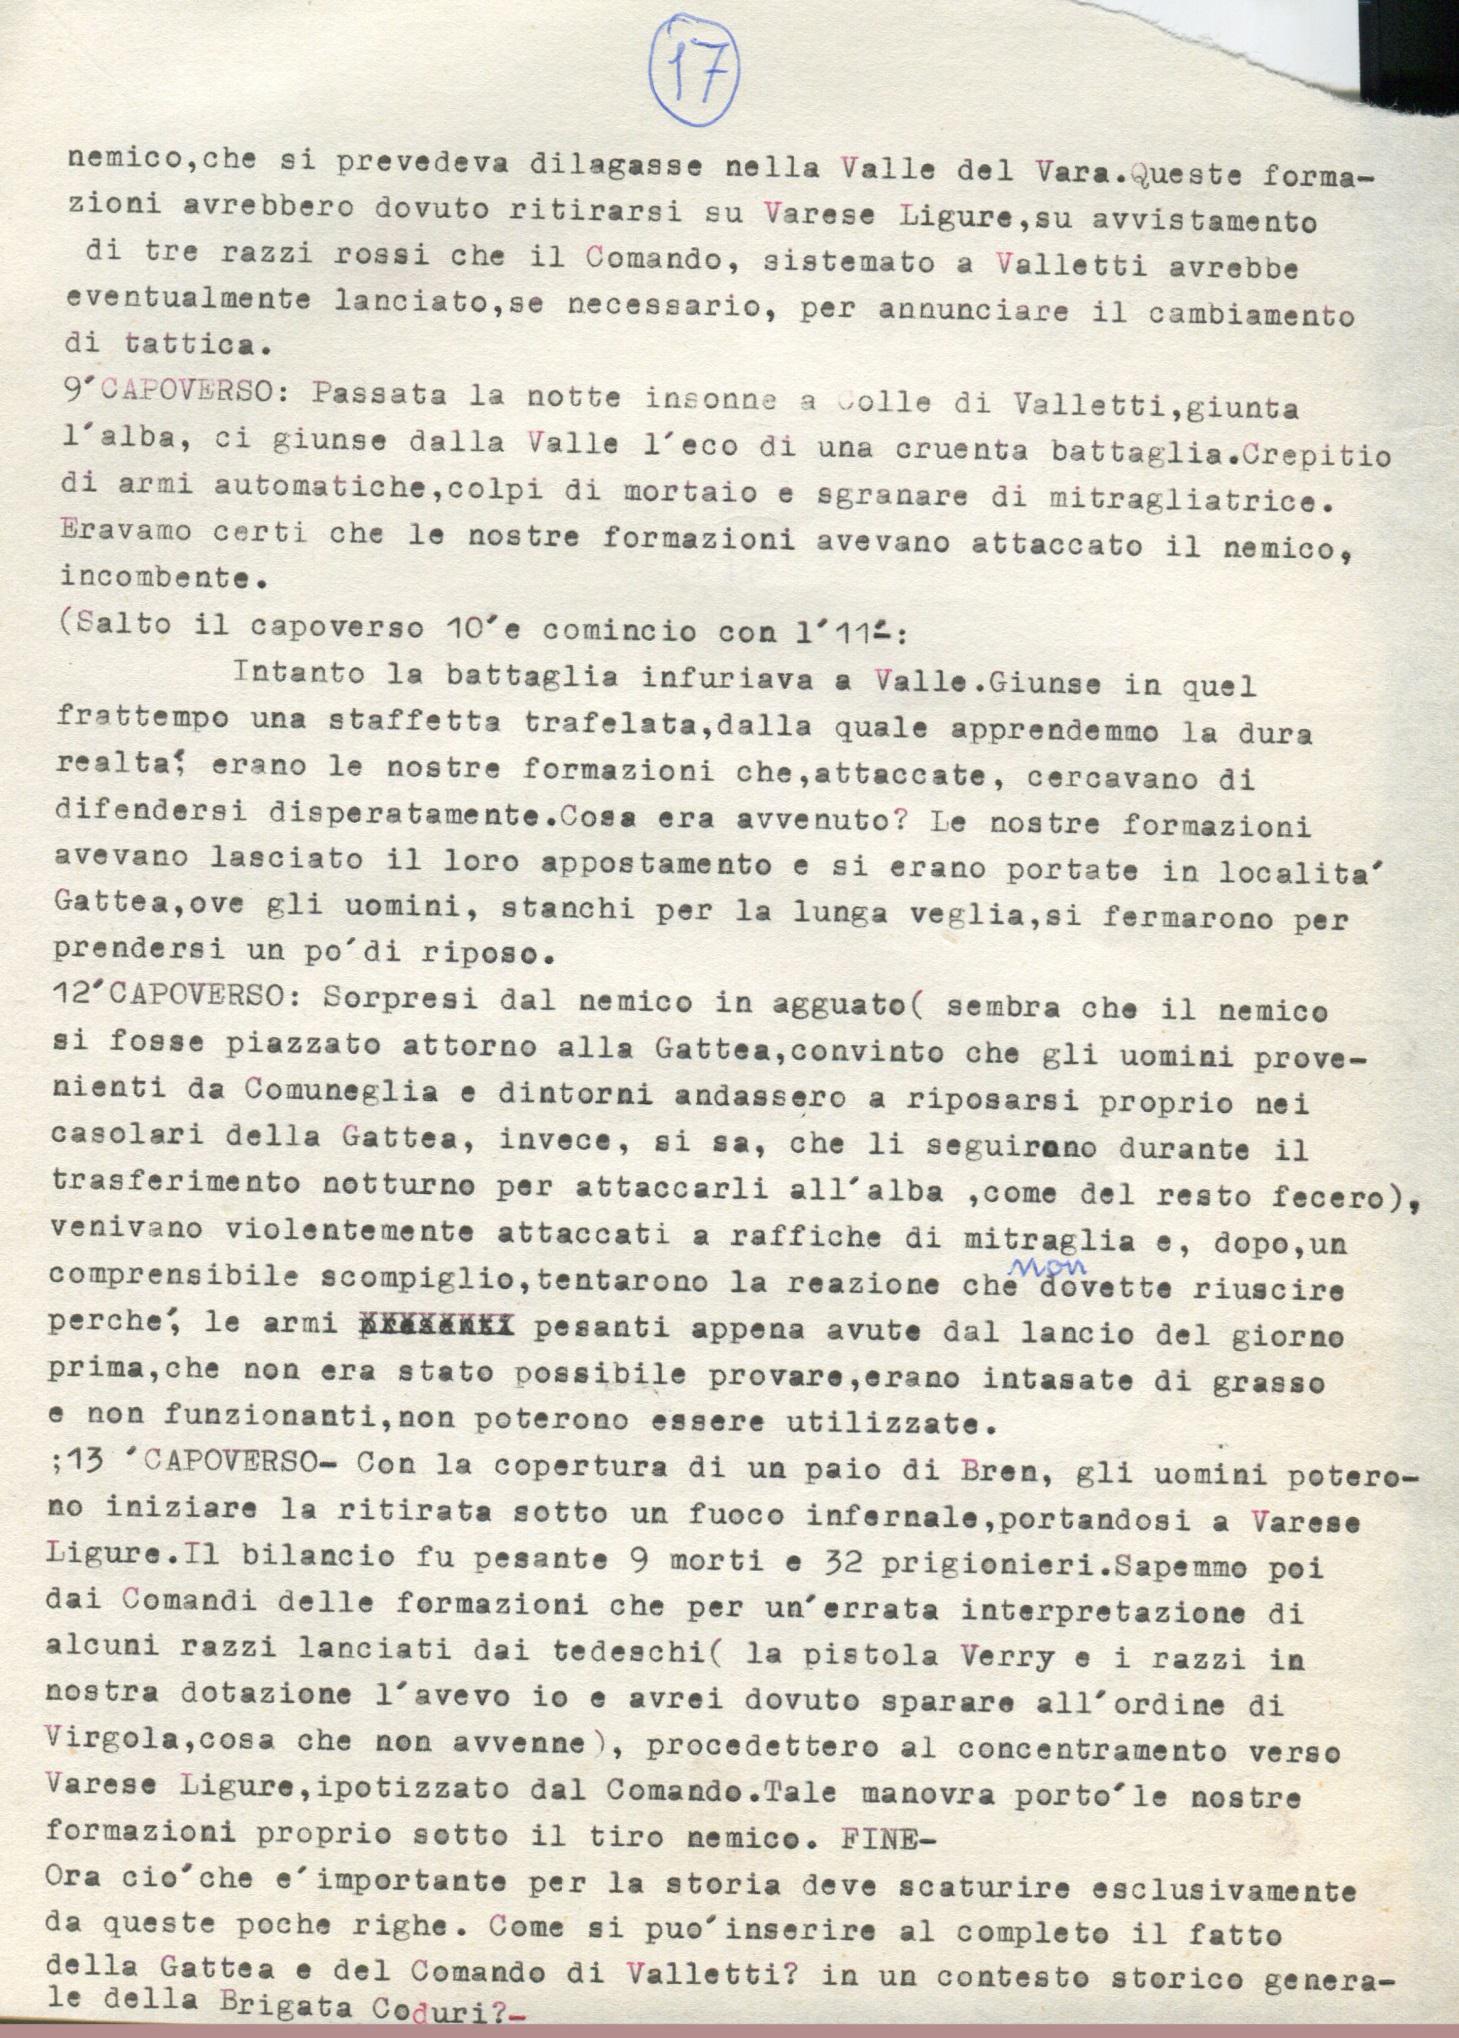 Lettera di Amato Berti a Bruno Monti Leone pag, 17